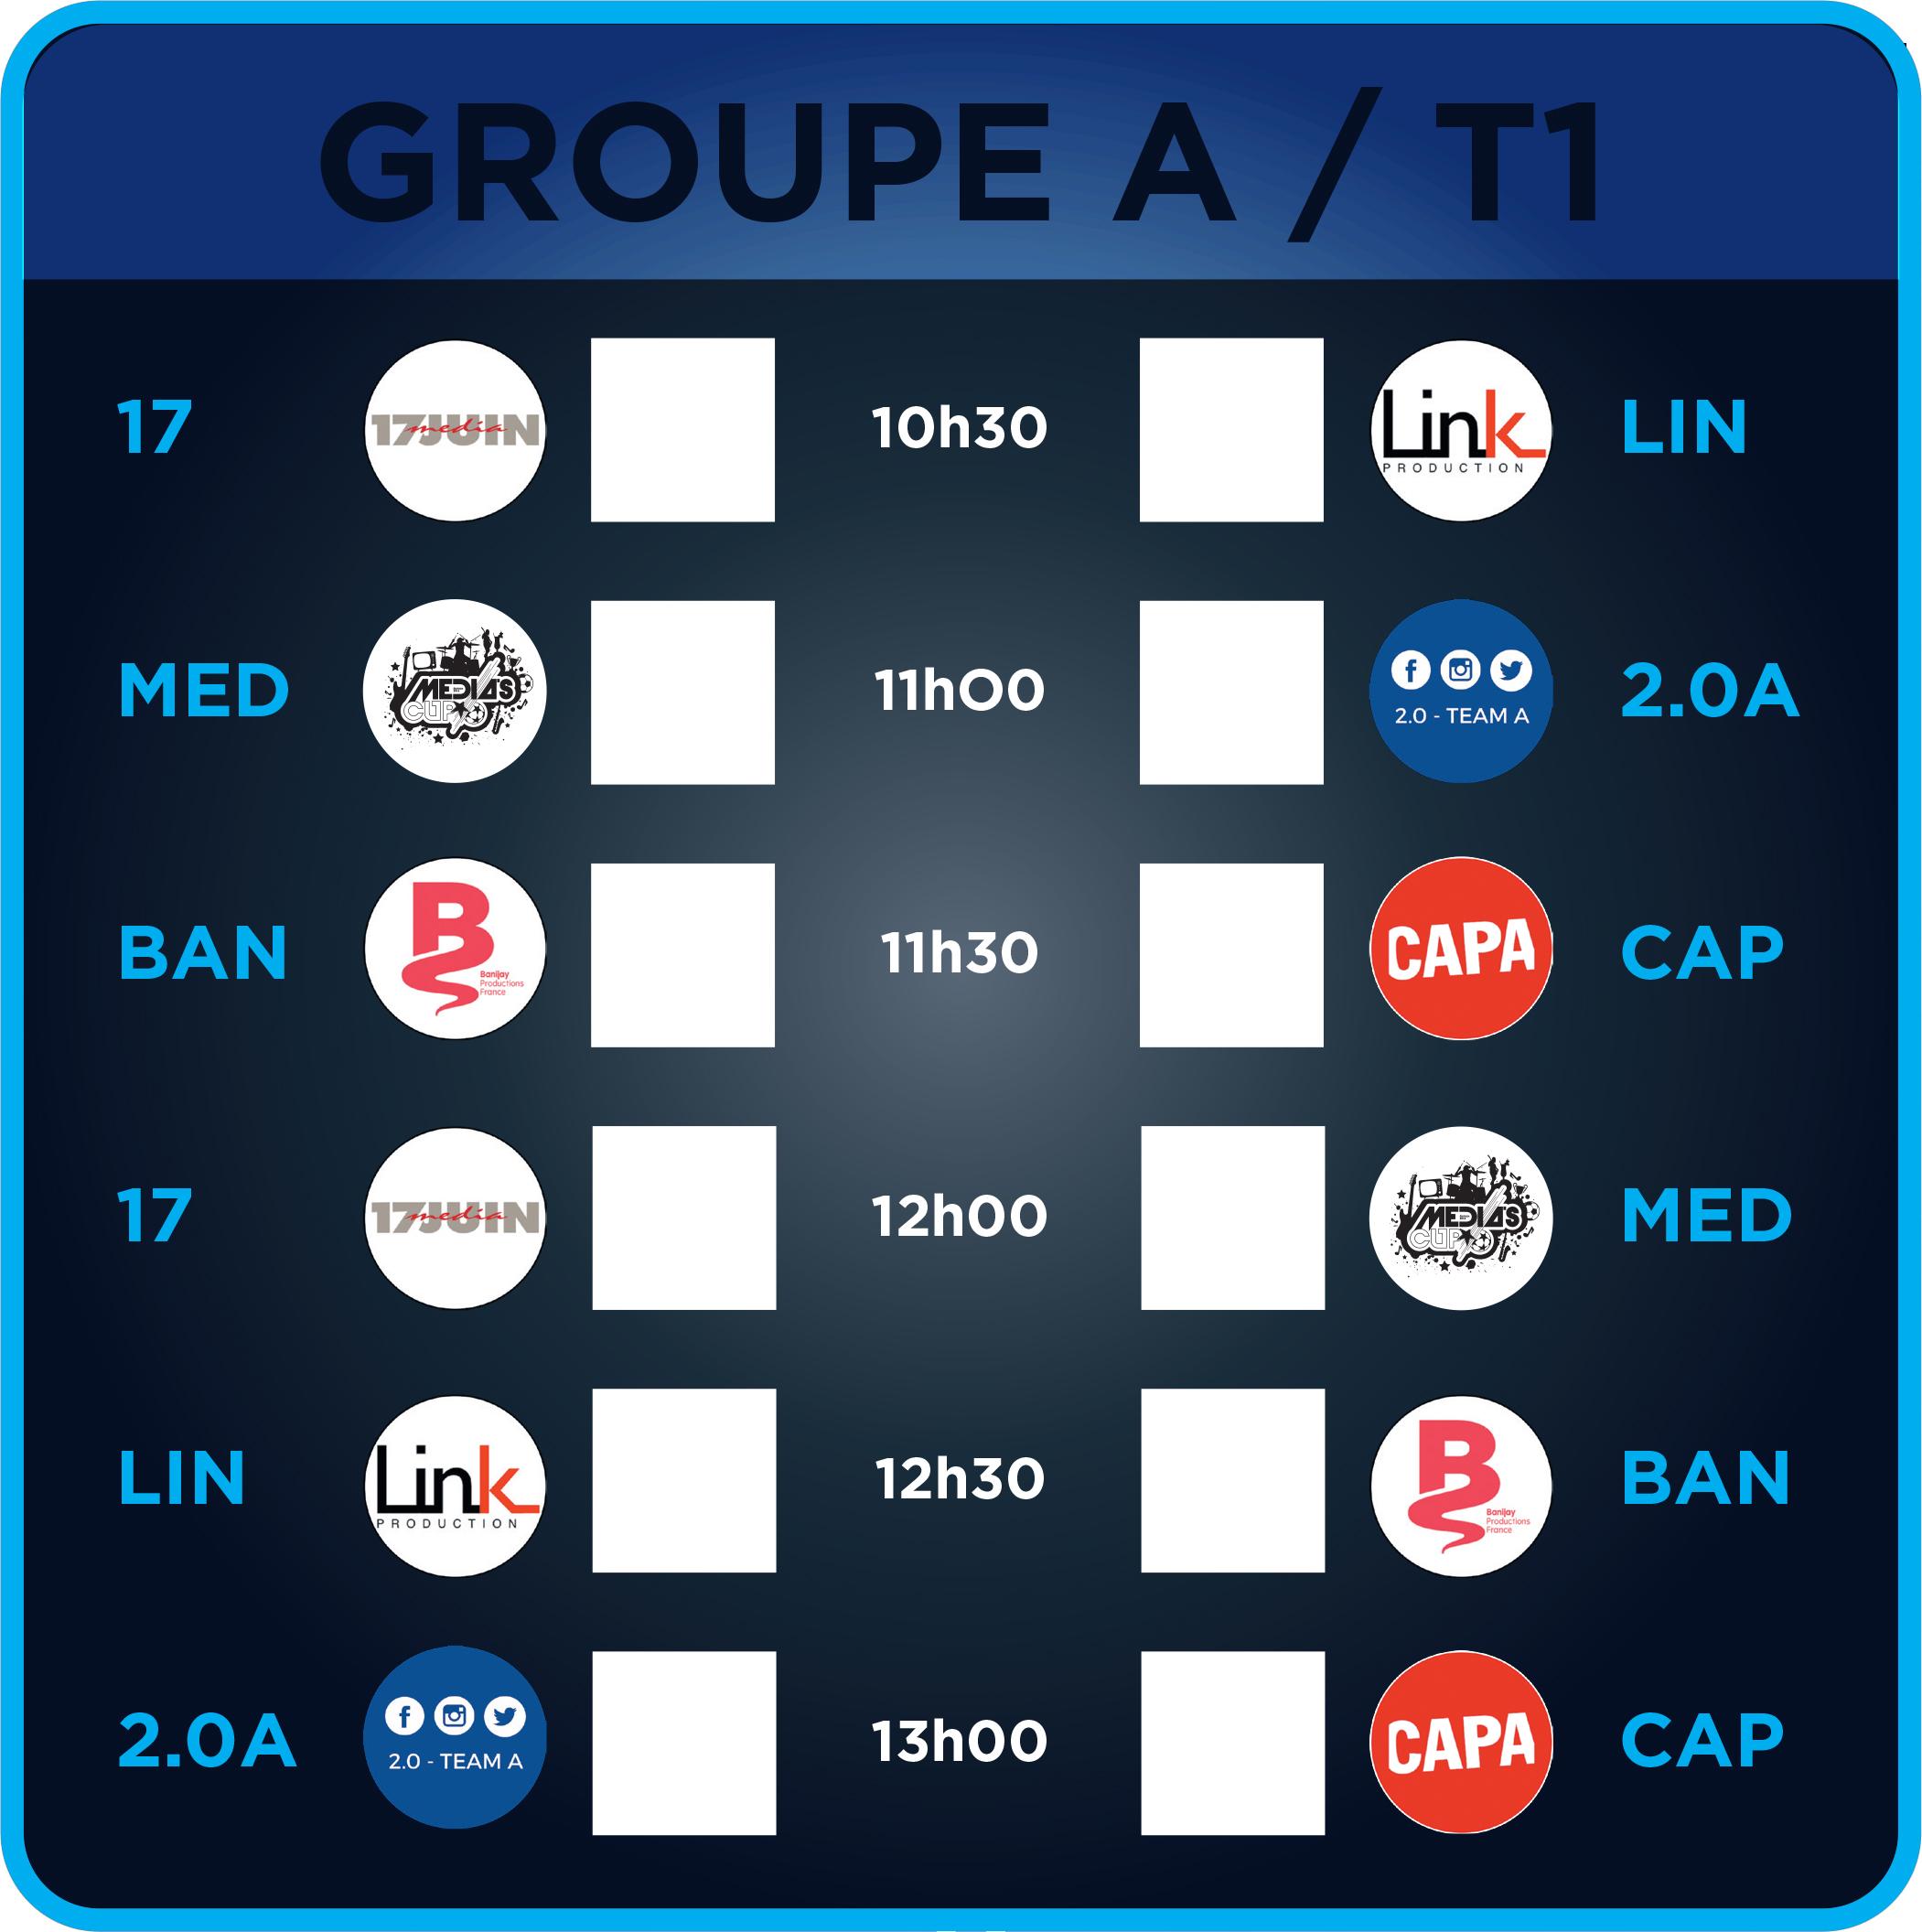 Les Matchs du Groupe A - Terrain 1